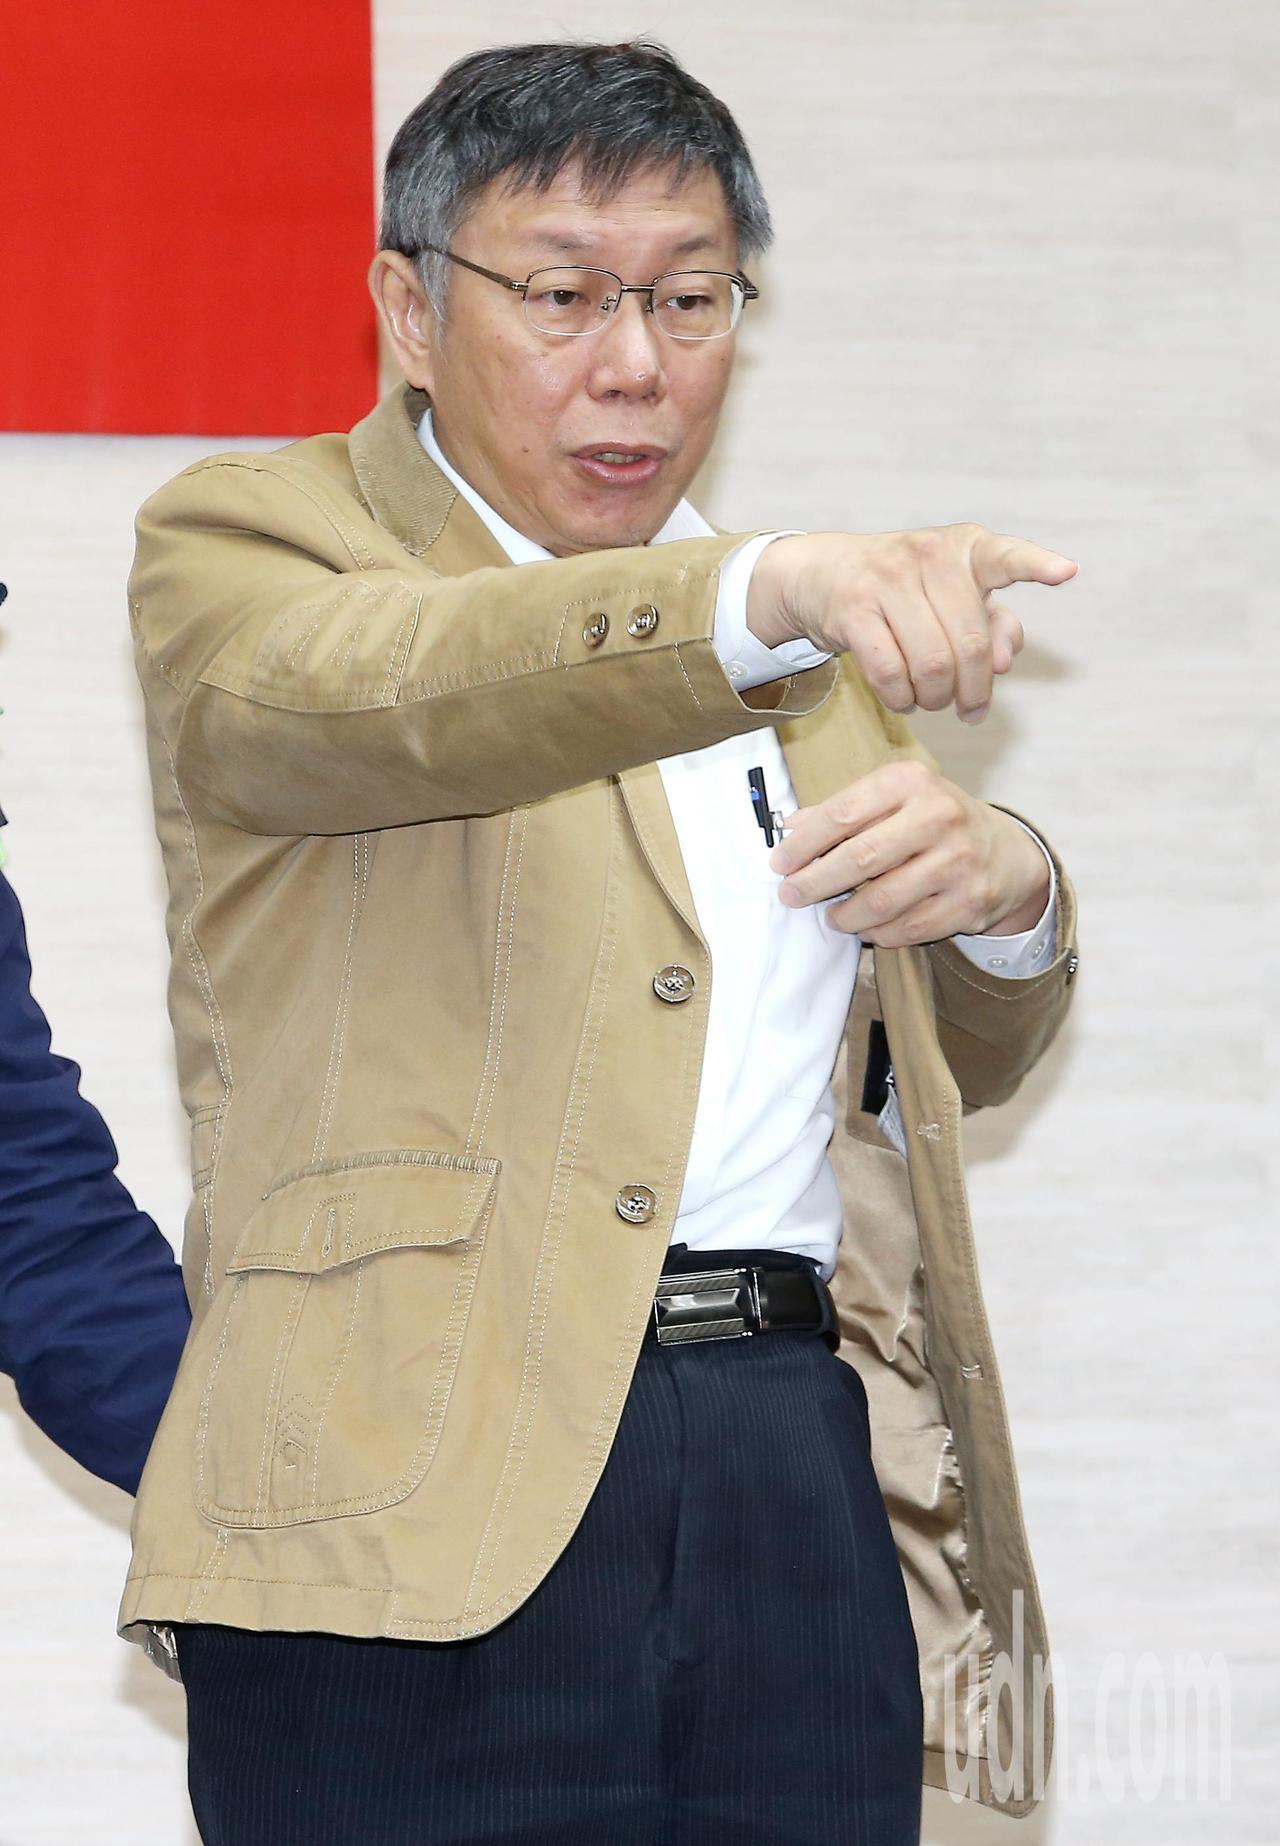 台北市長柯文哲上午出席台北市政府內閣總辭典禮。記者余承翰/攝影